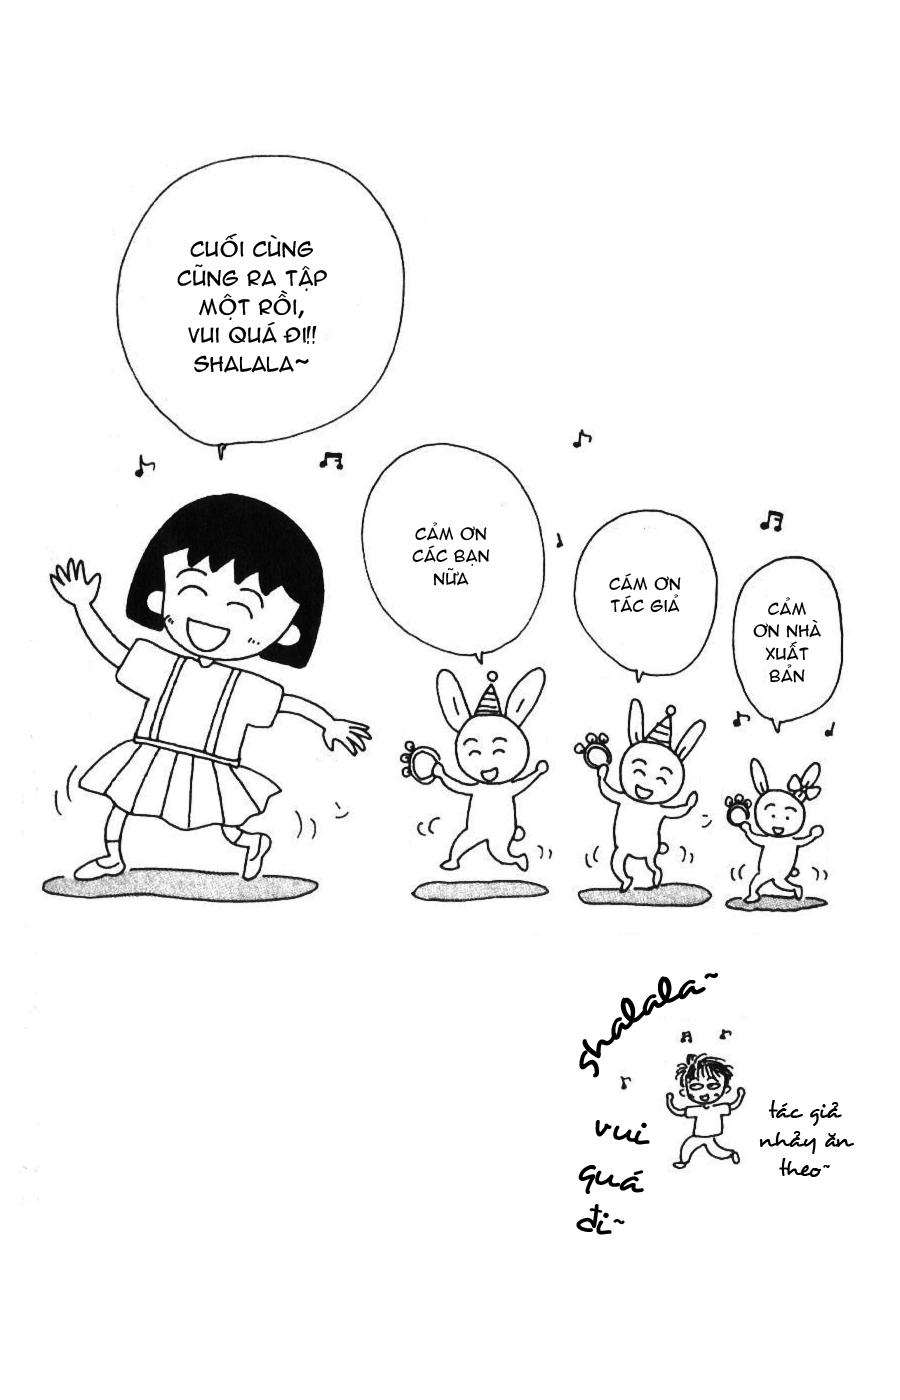 Chibi-Maruko-chan-very-simple-drawing-again-wallpaper-wp424481-1